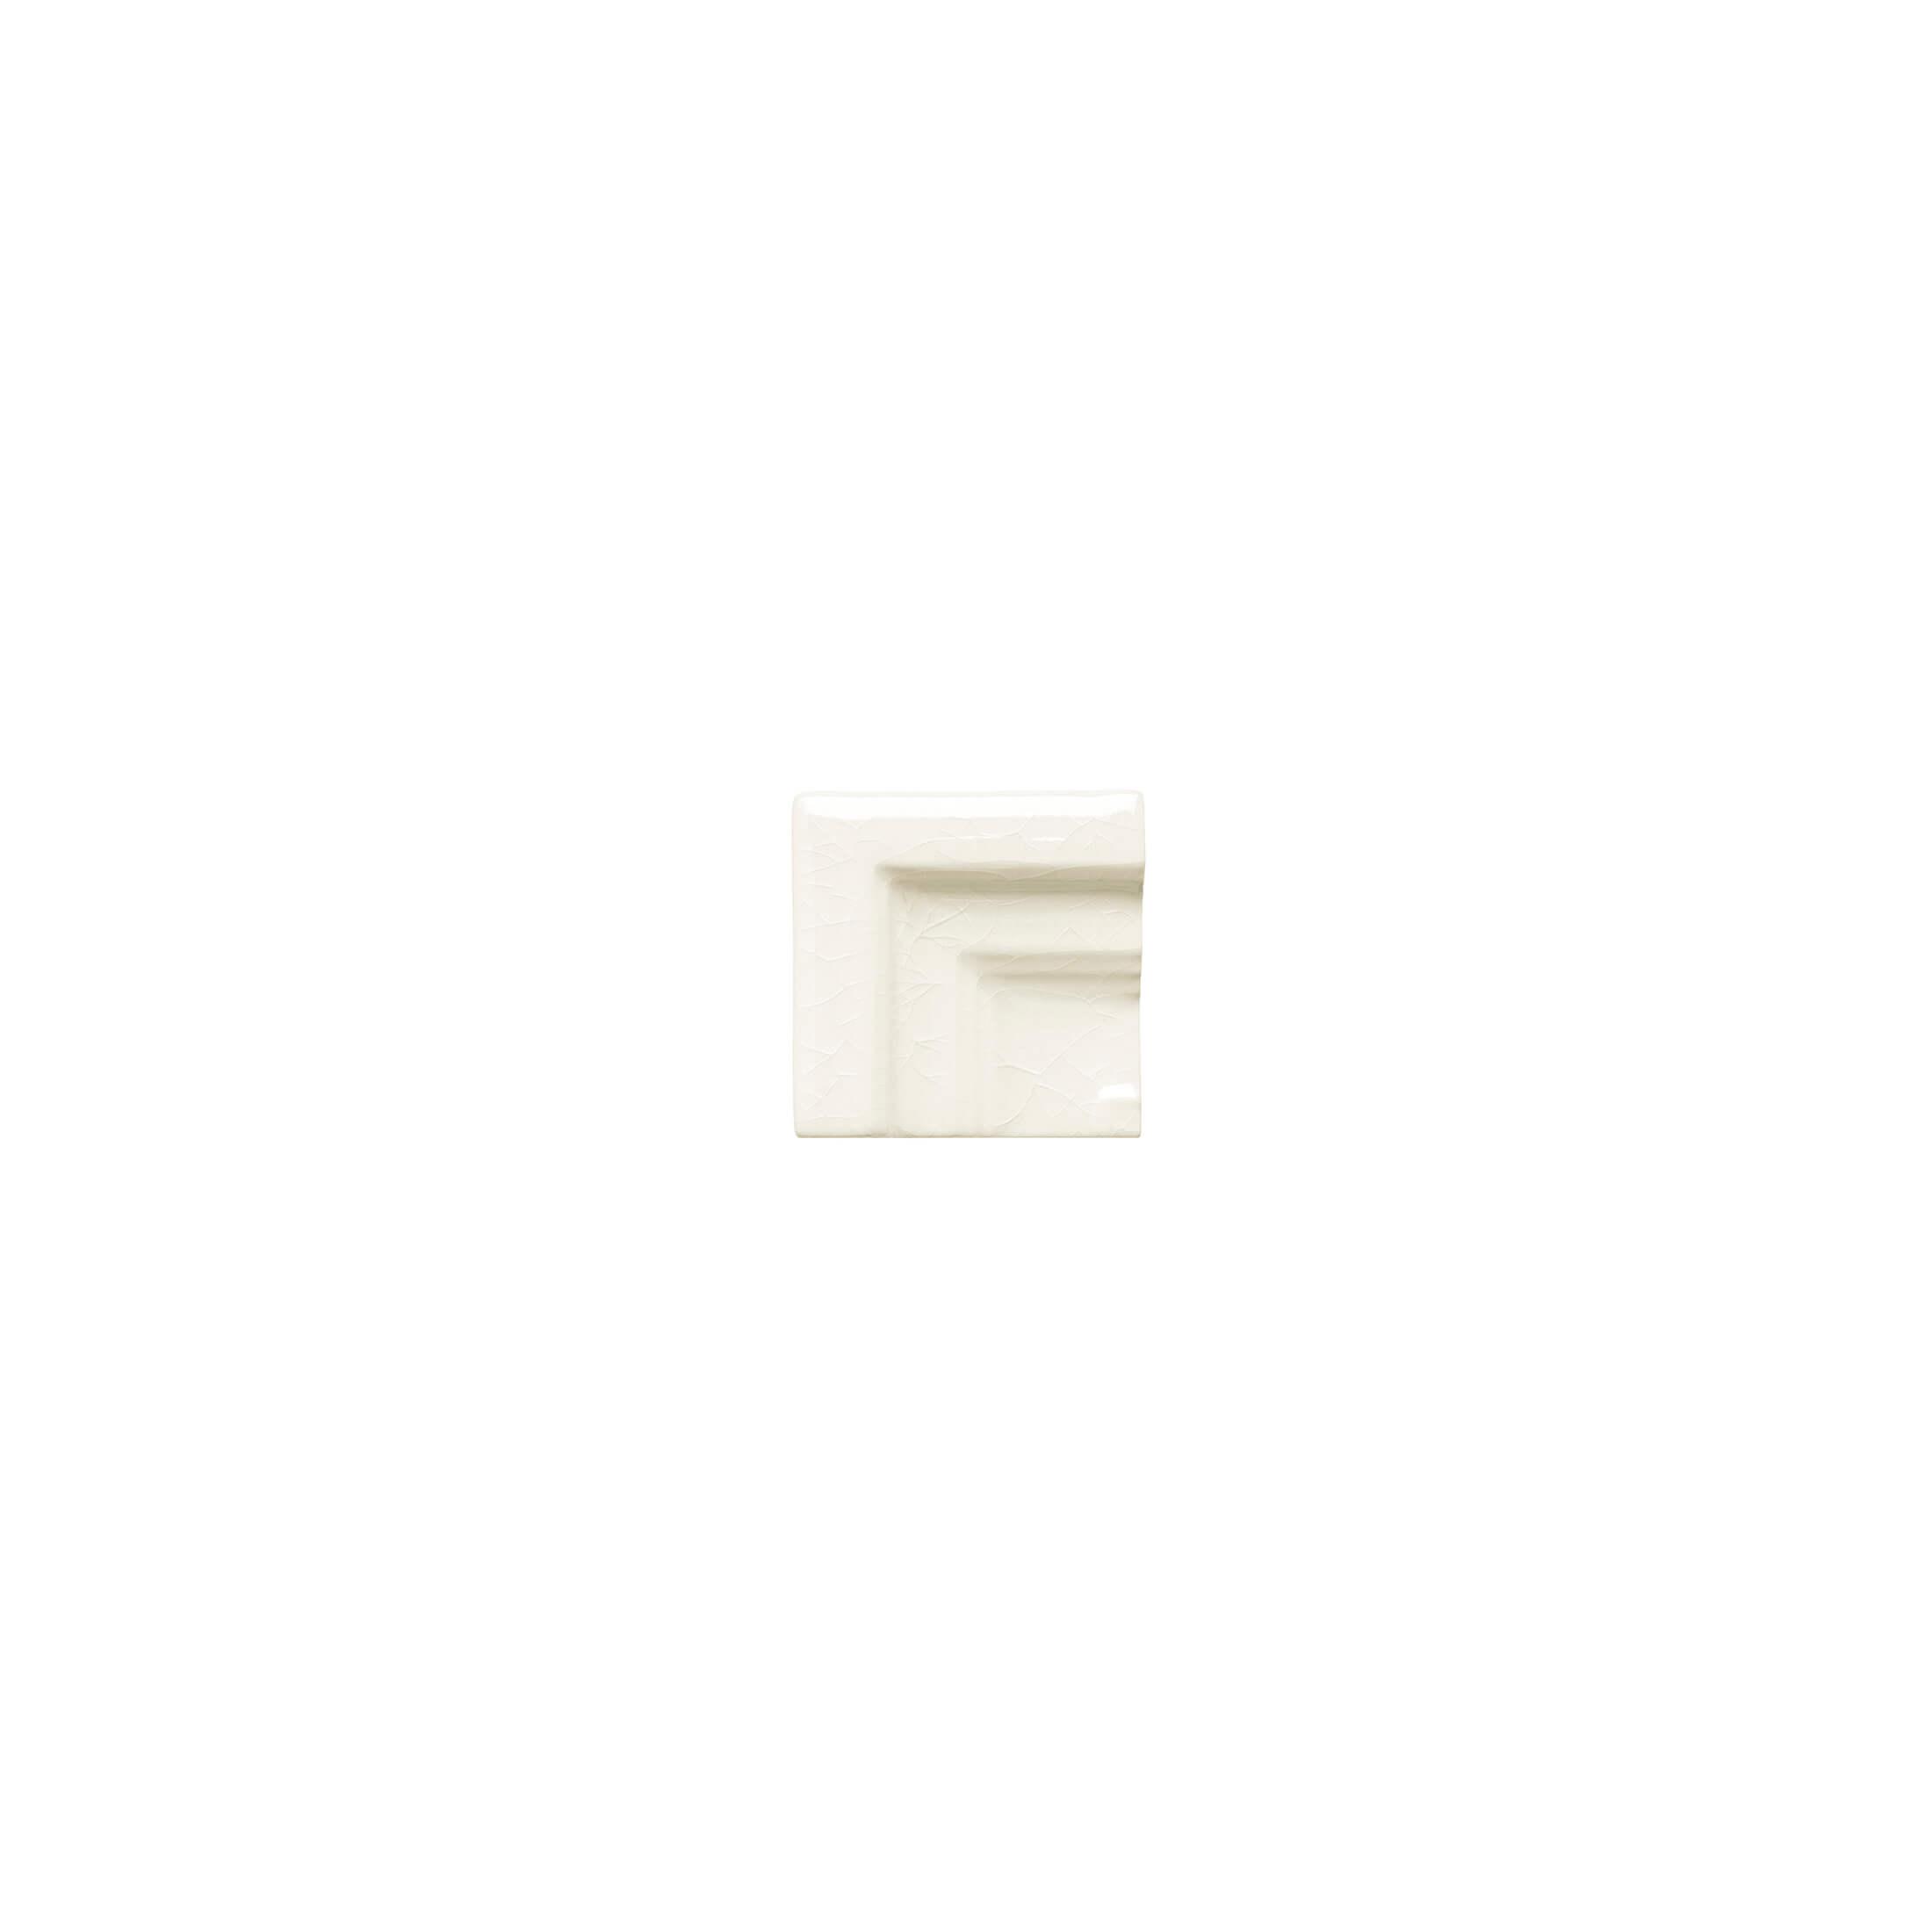 ADMO5399 - ANGULO MARCO CORNISA CLASICA C/C - 5 cm X 20 cm